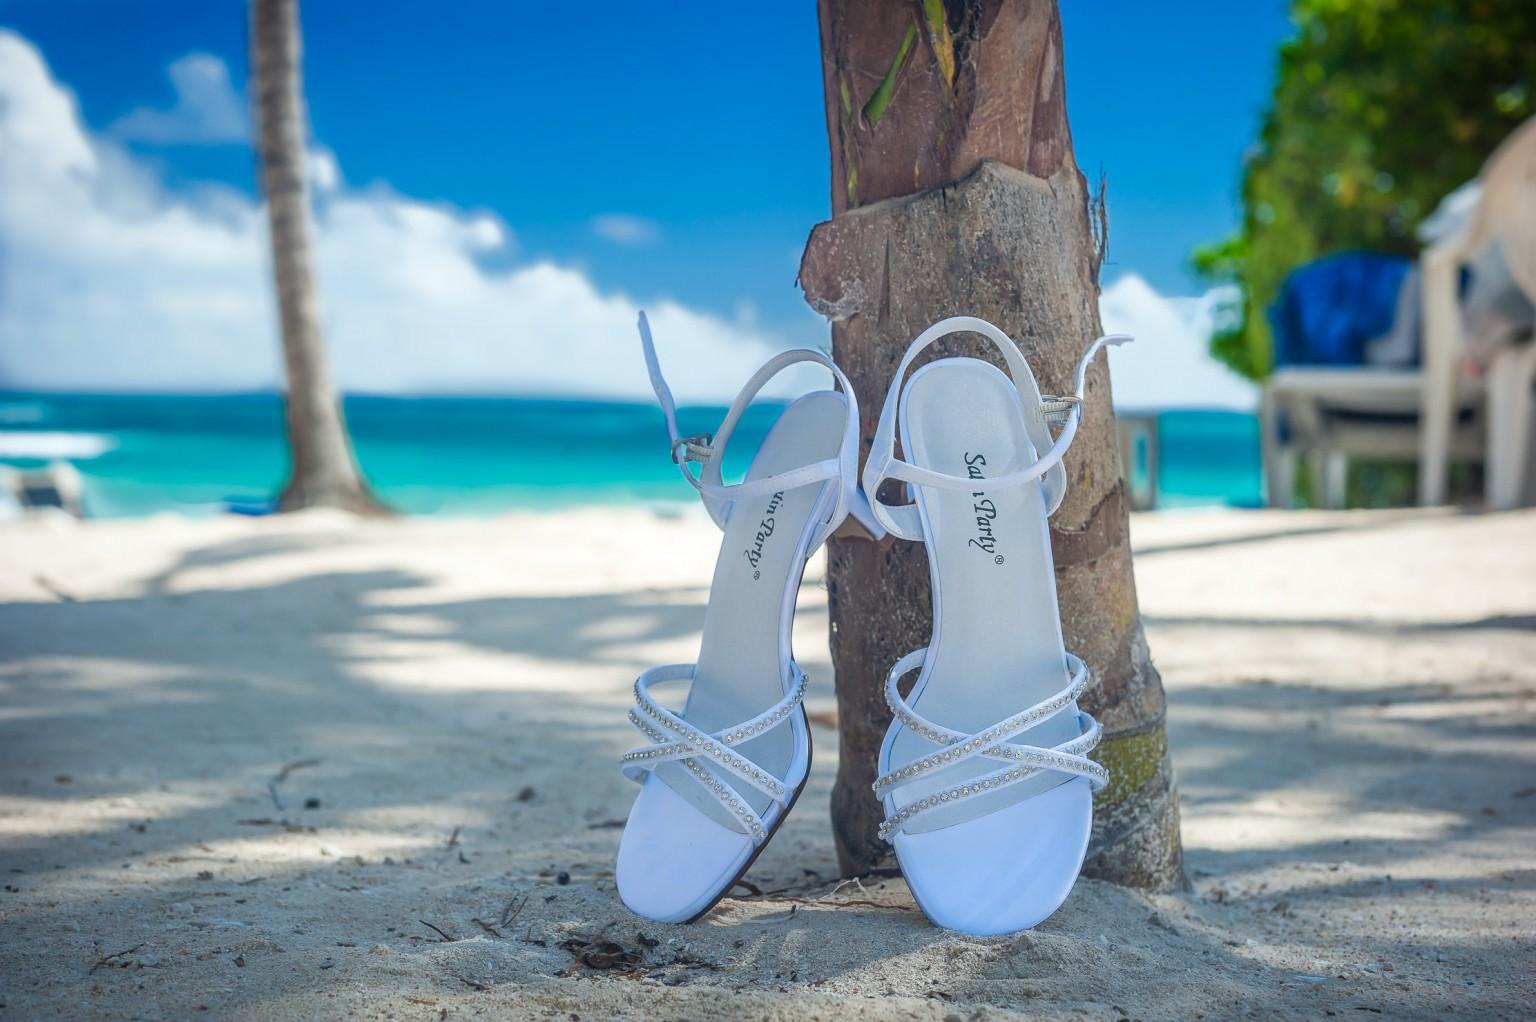 Mariage Destination : La plage -, KW: 1-Préparation, Mexique, Vêtements, chaussures